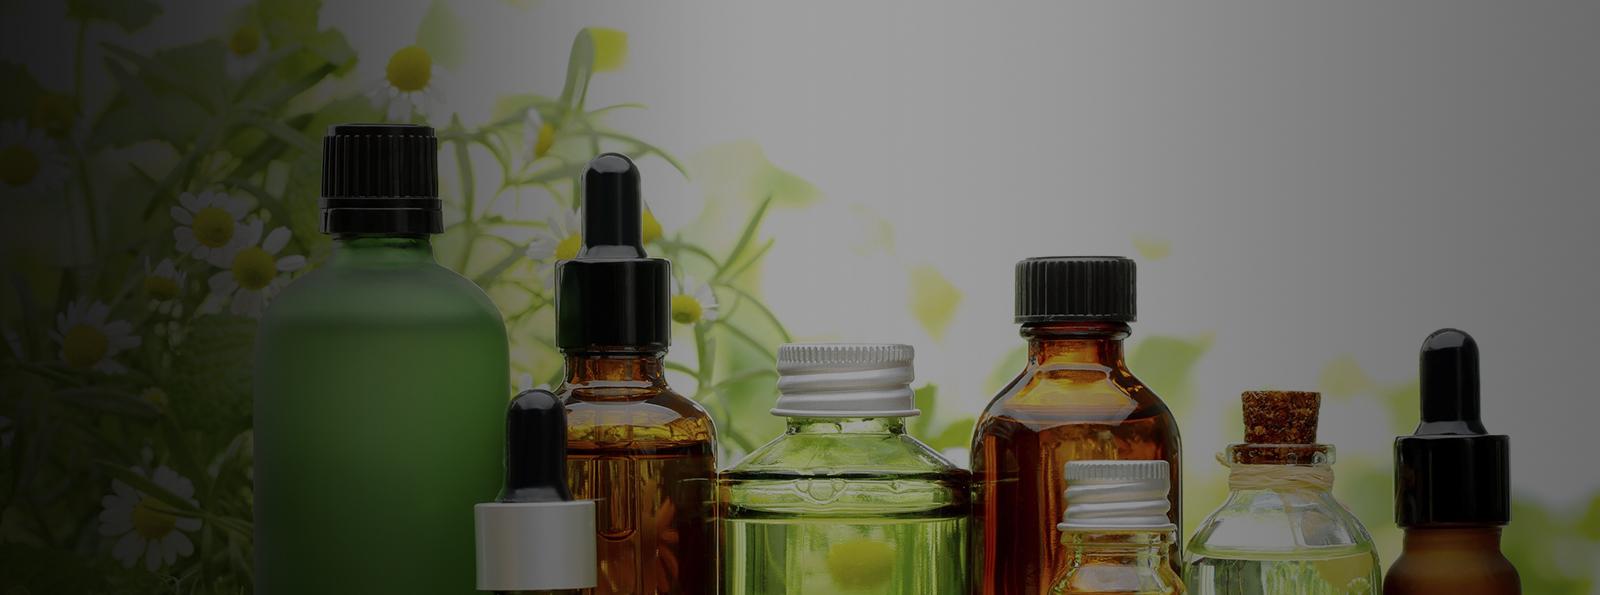 Essential Oils vs Modern Medicine, Which Works Best?